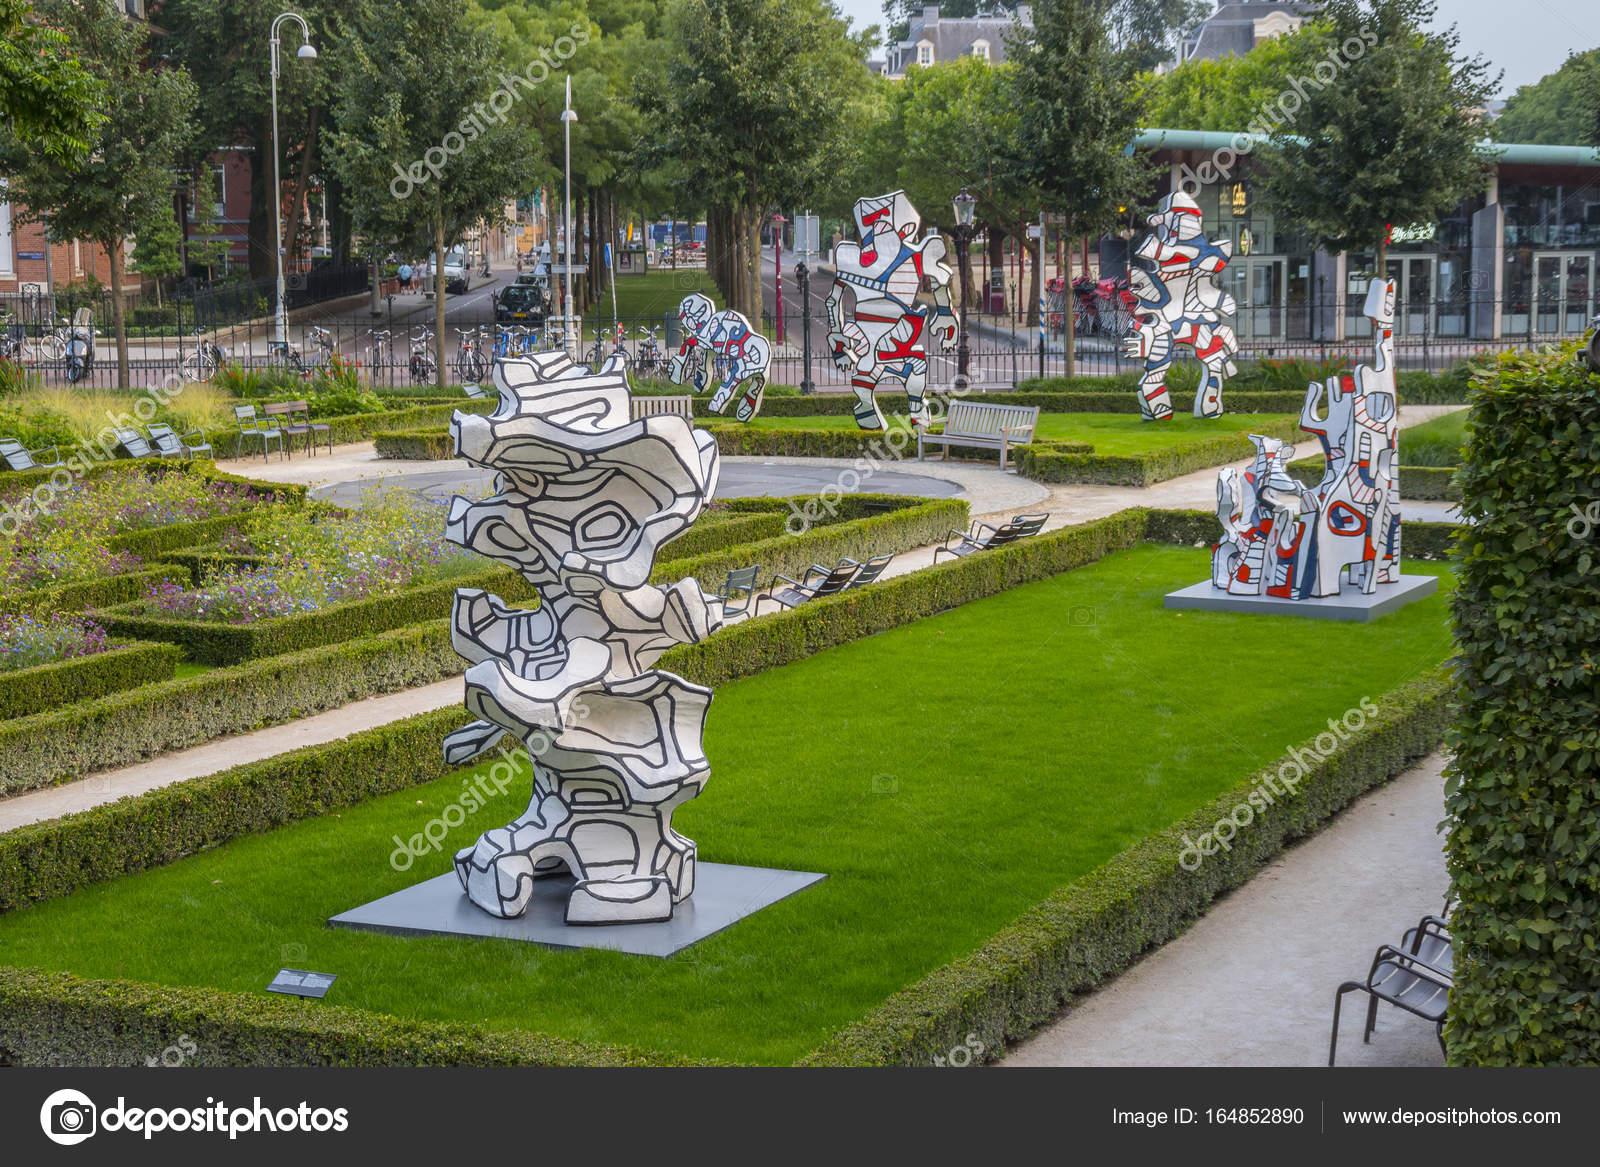 Arte moderno esculturas en los jardines del museo nacional amsterdam holanda 20 de julio - Esculturas para jardines ...